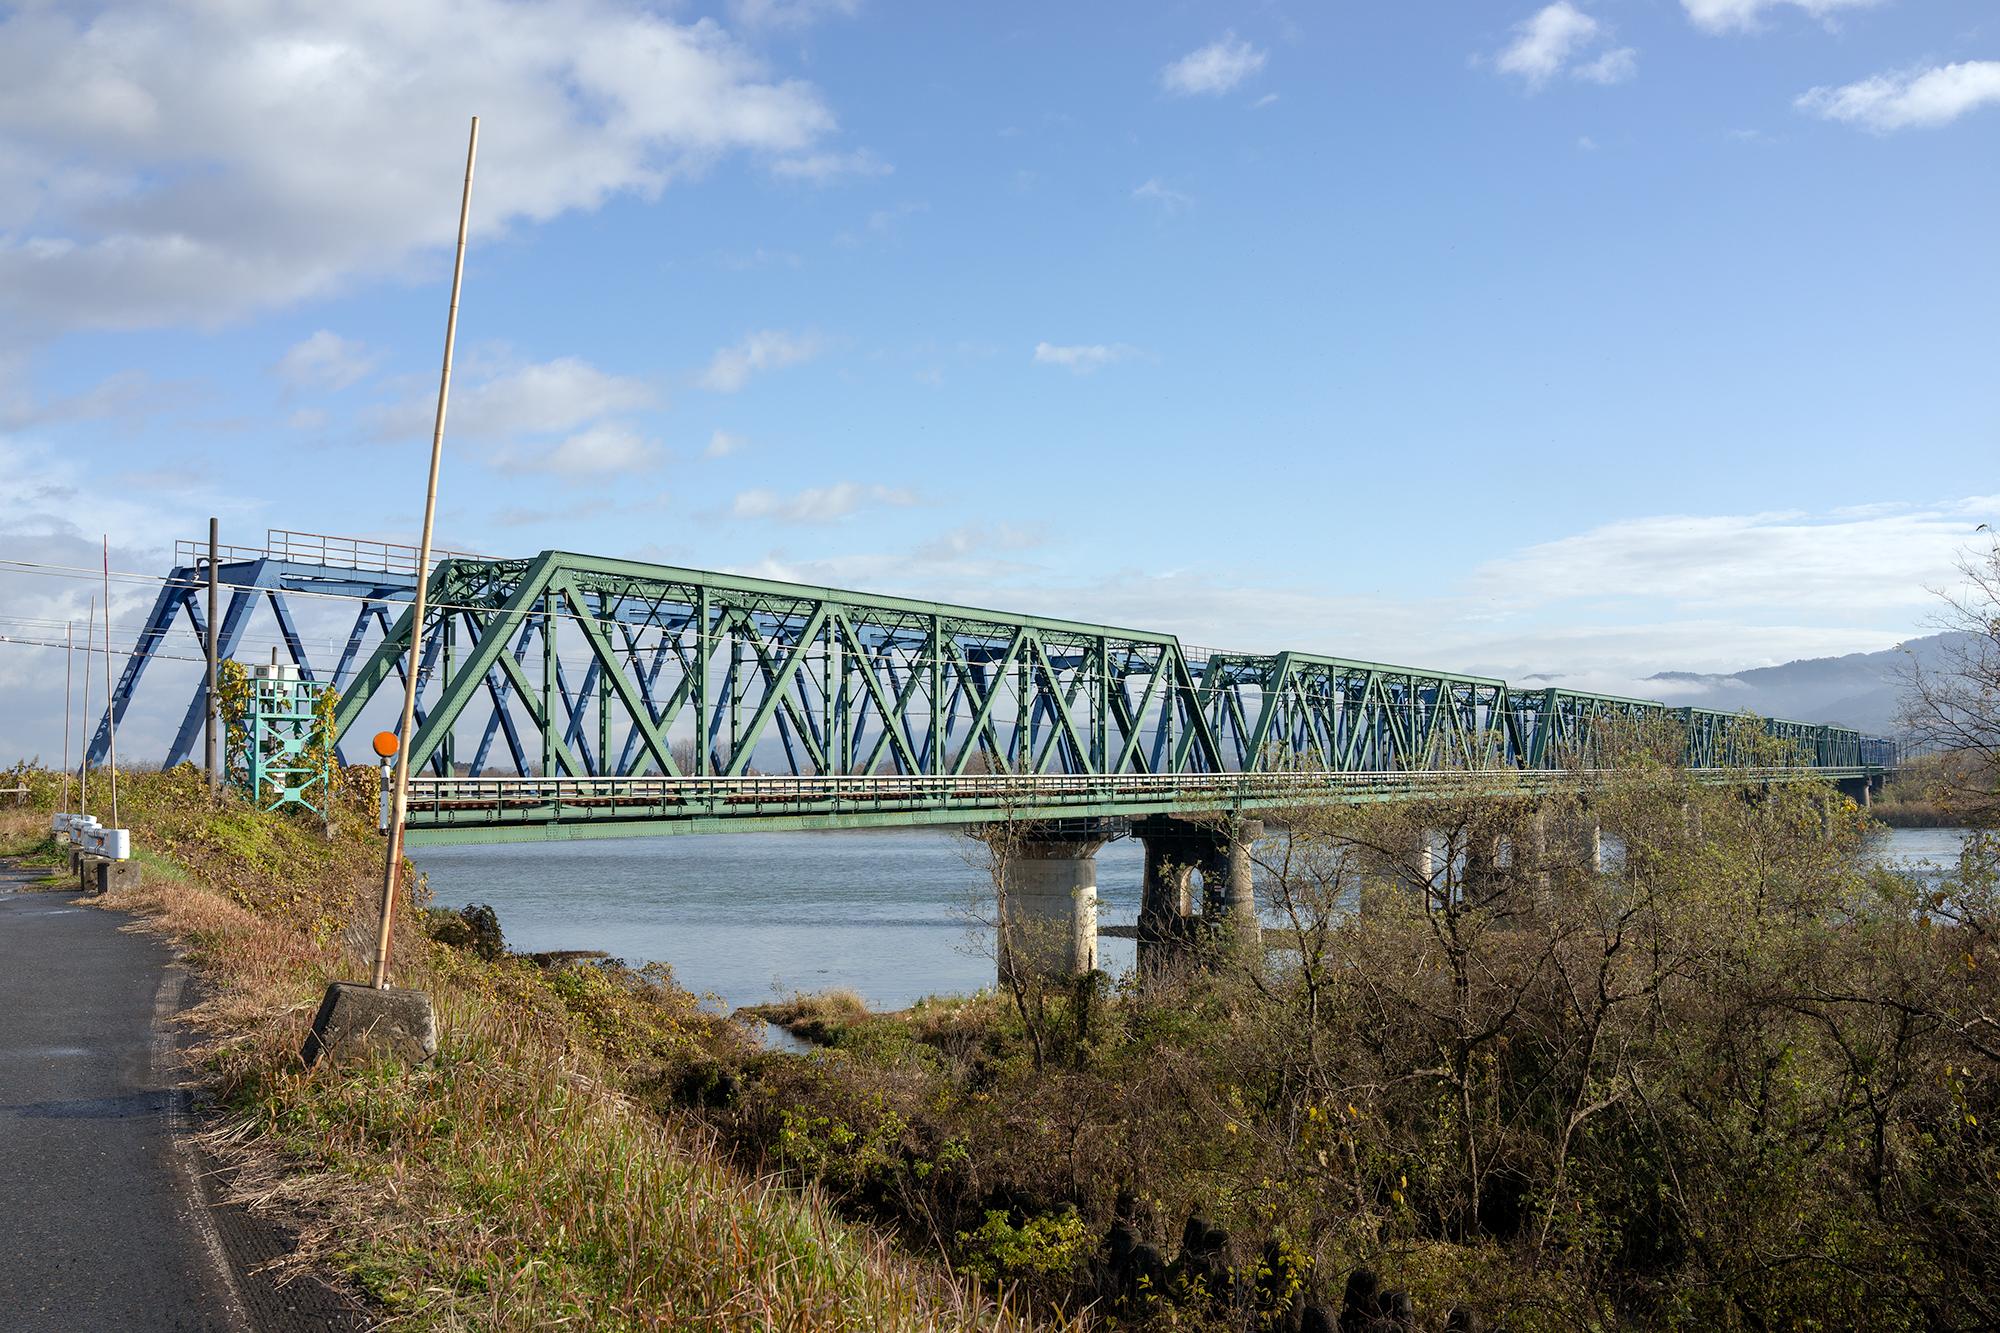 【1】北越鉄道が信濃川に架けた橋 旧浦村鉄橋のあとさき